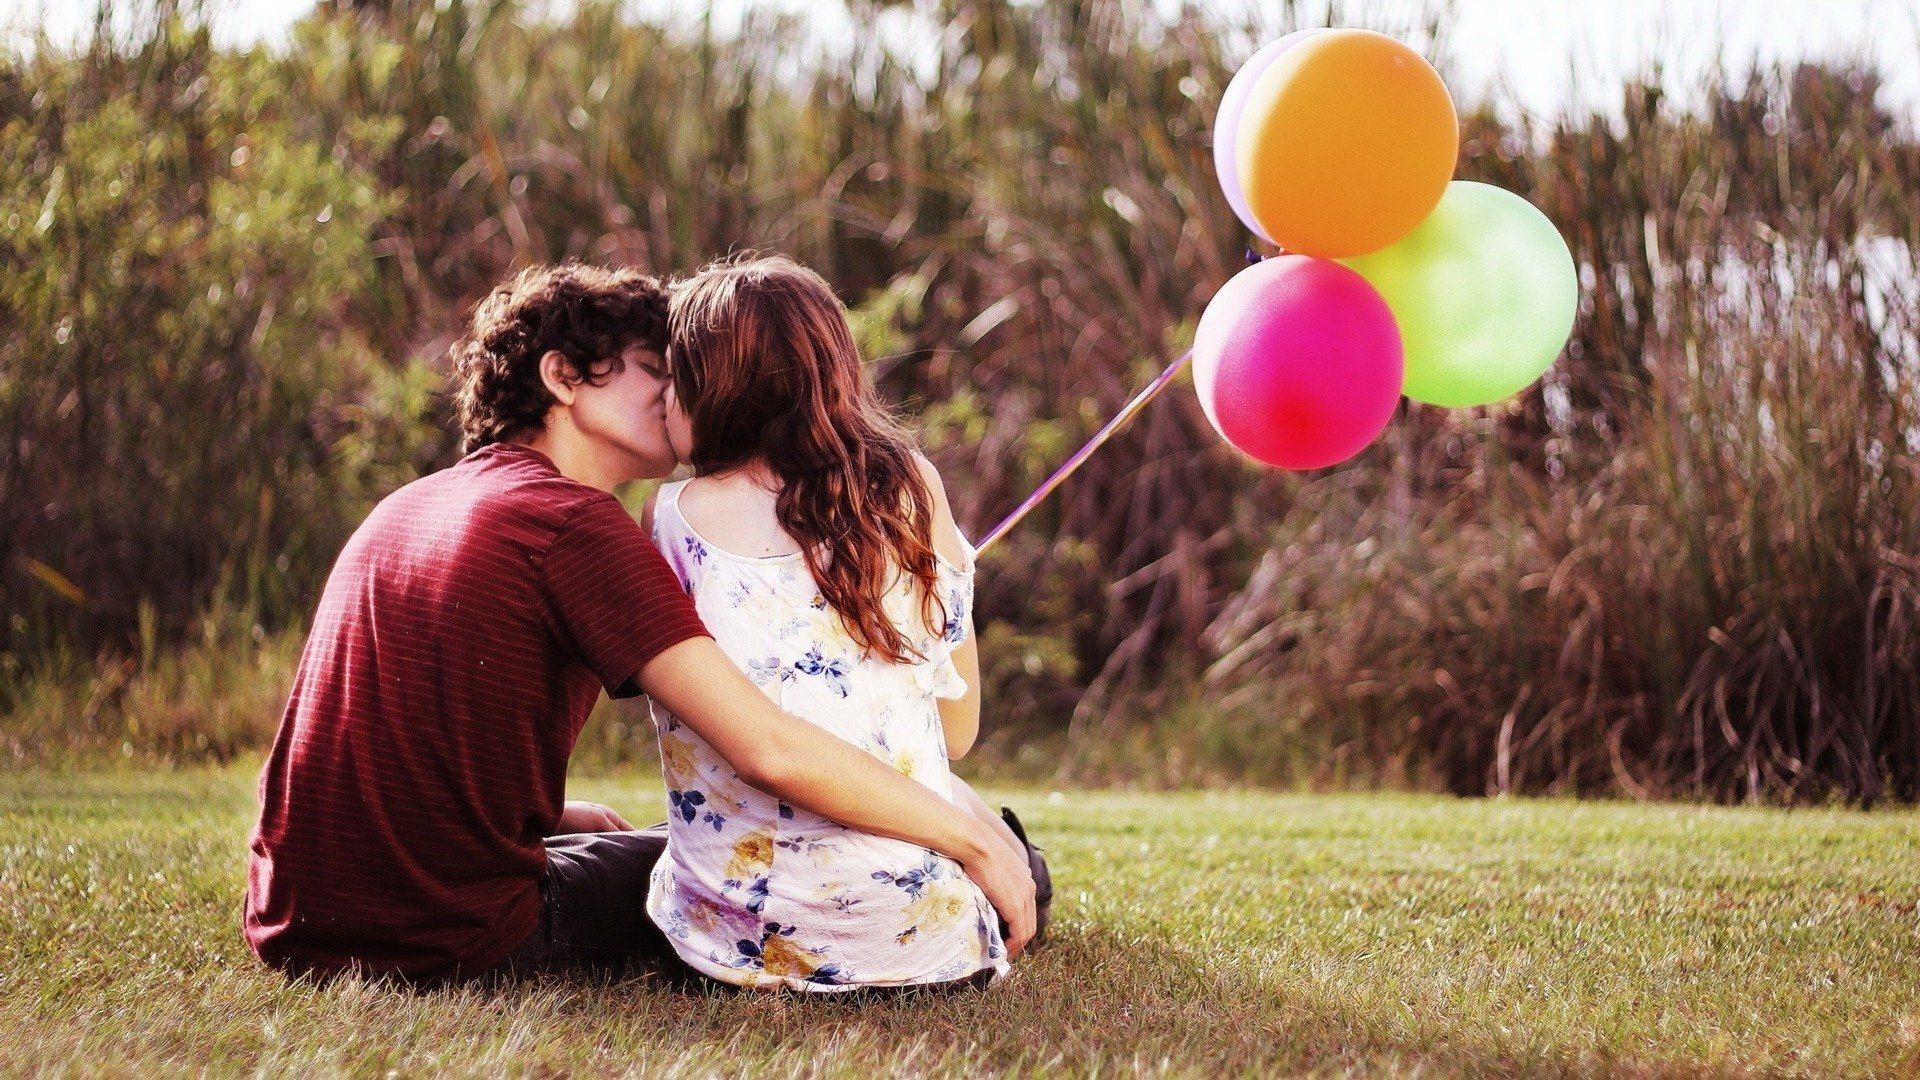 Bí mật kỳ diệu của những nụ hôn - Ảnh 1